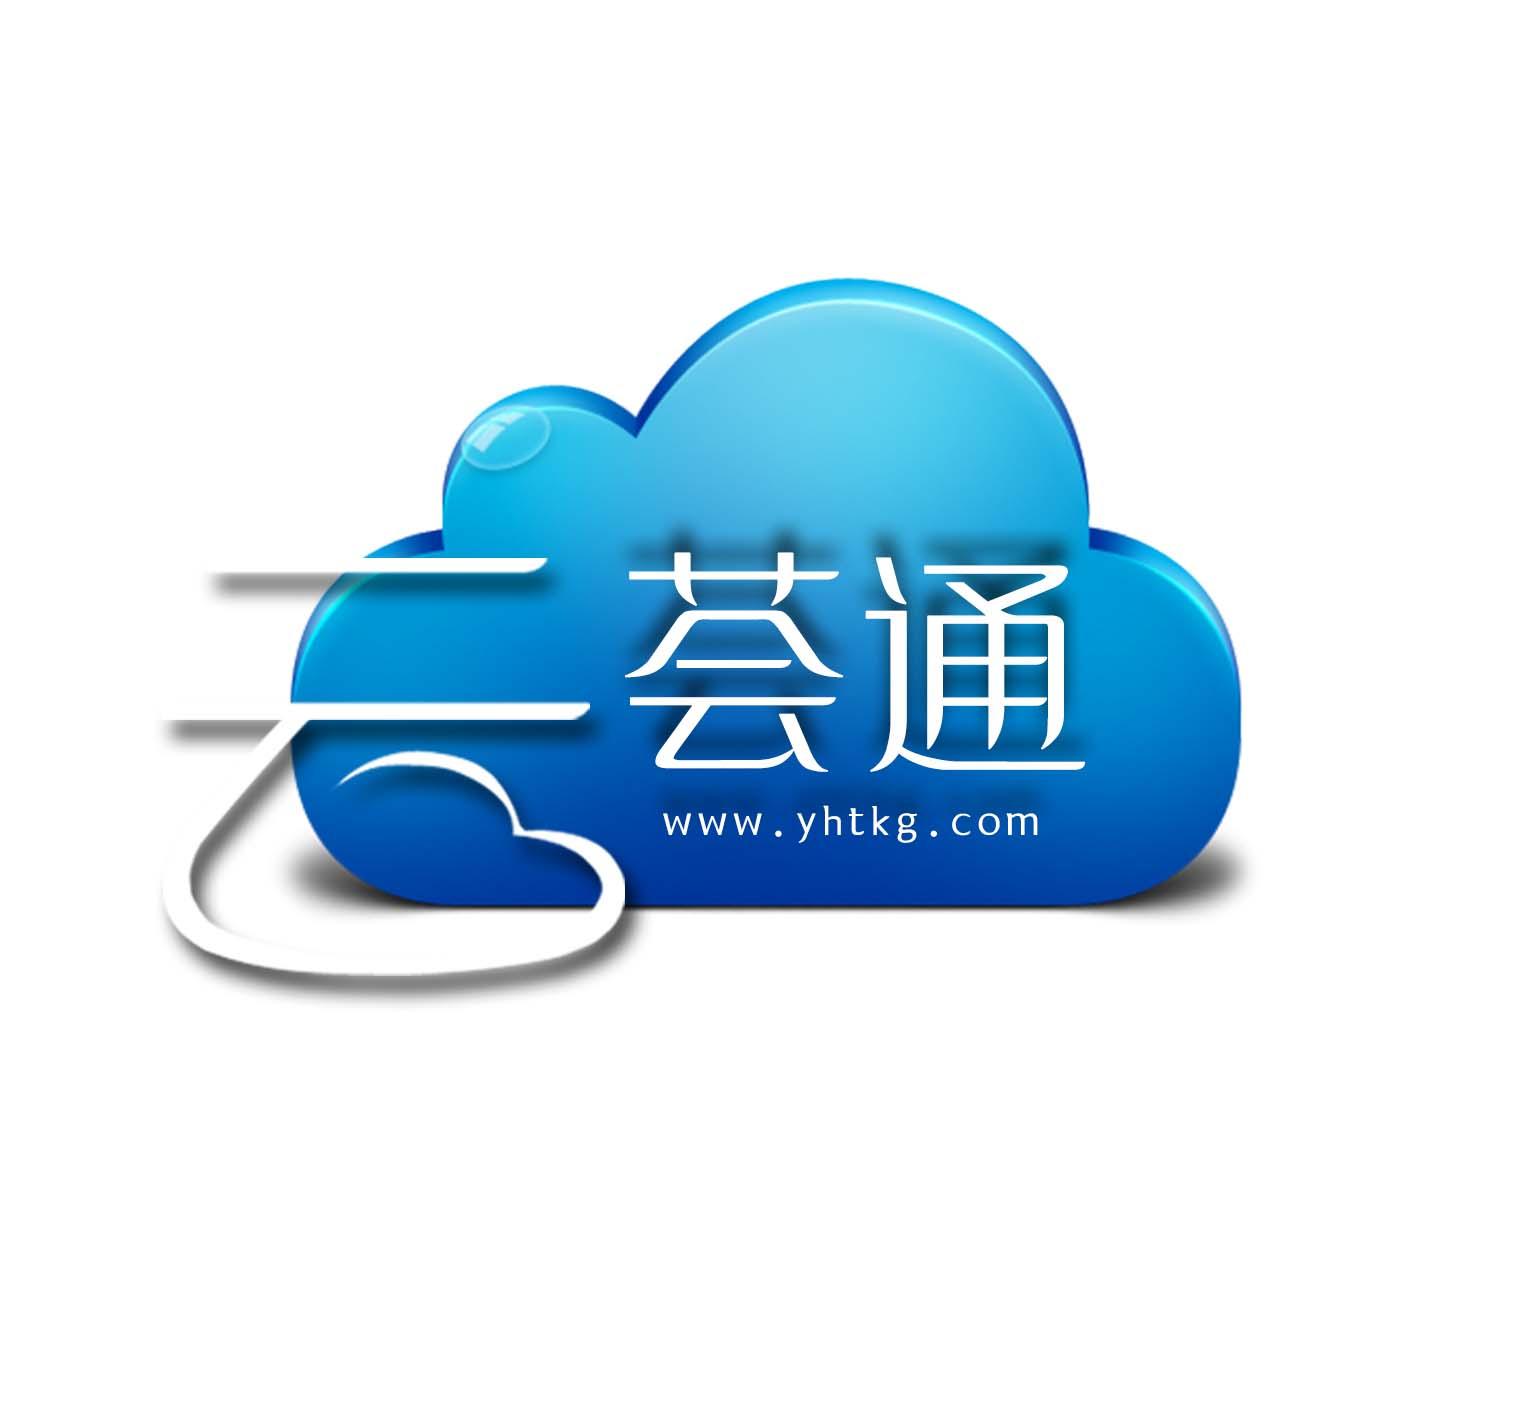 上海云薈通生物工程科技有限公司